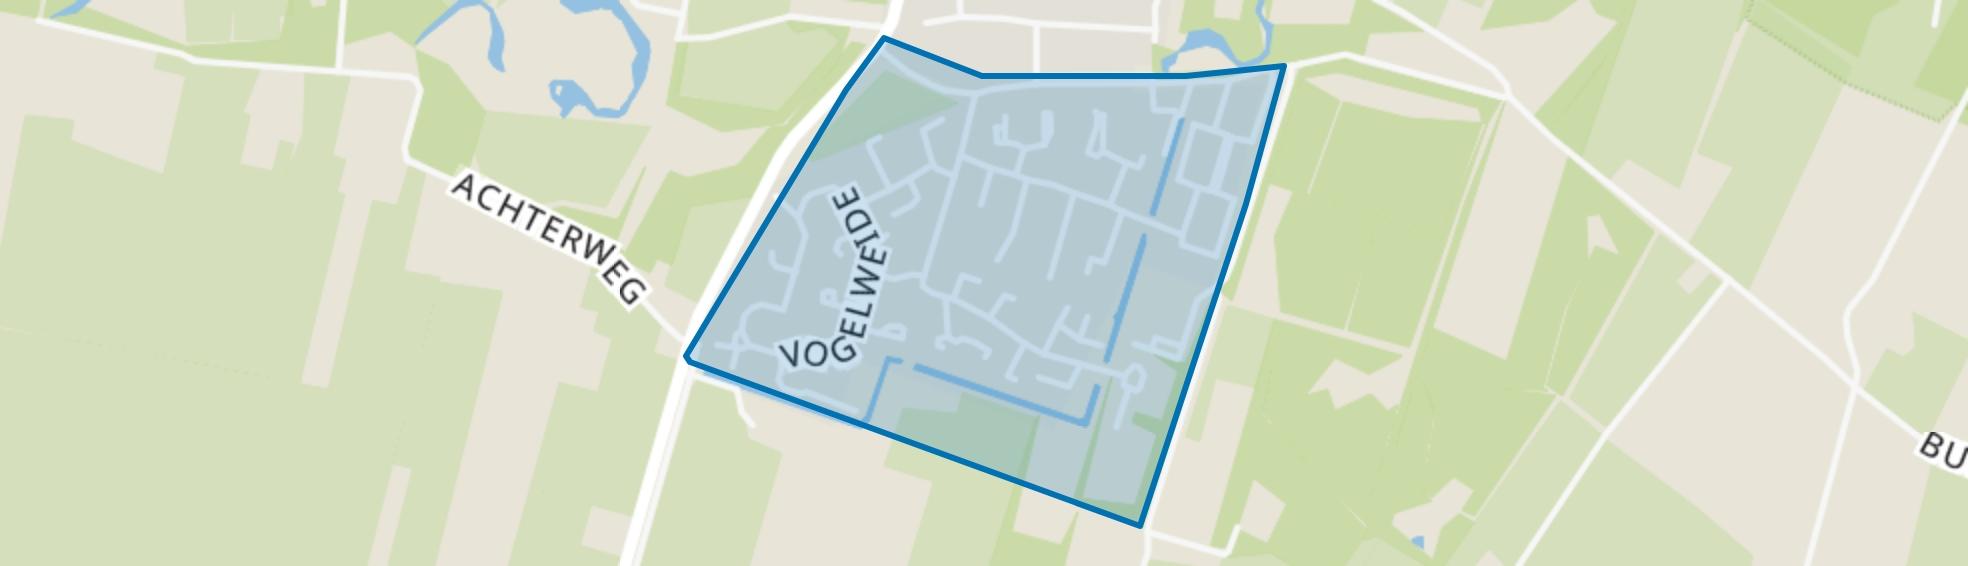 De Wijngaard, Doorn map